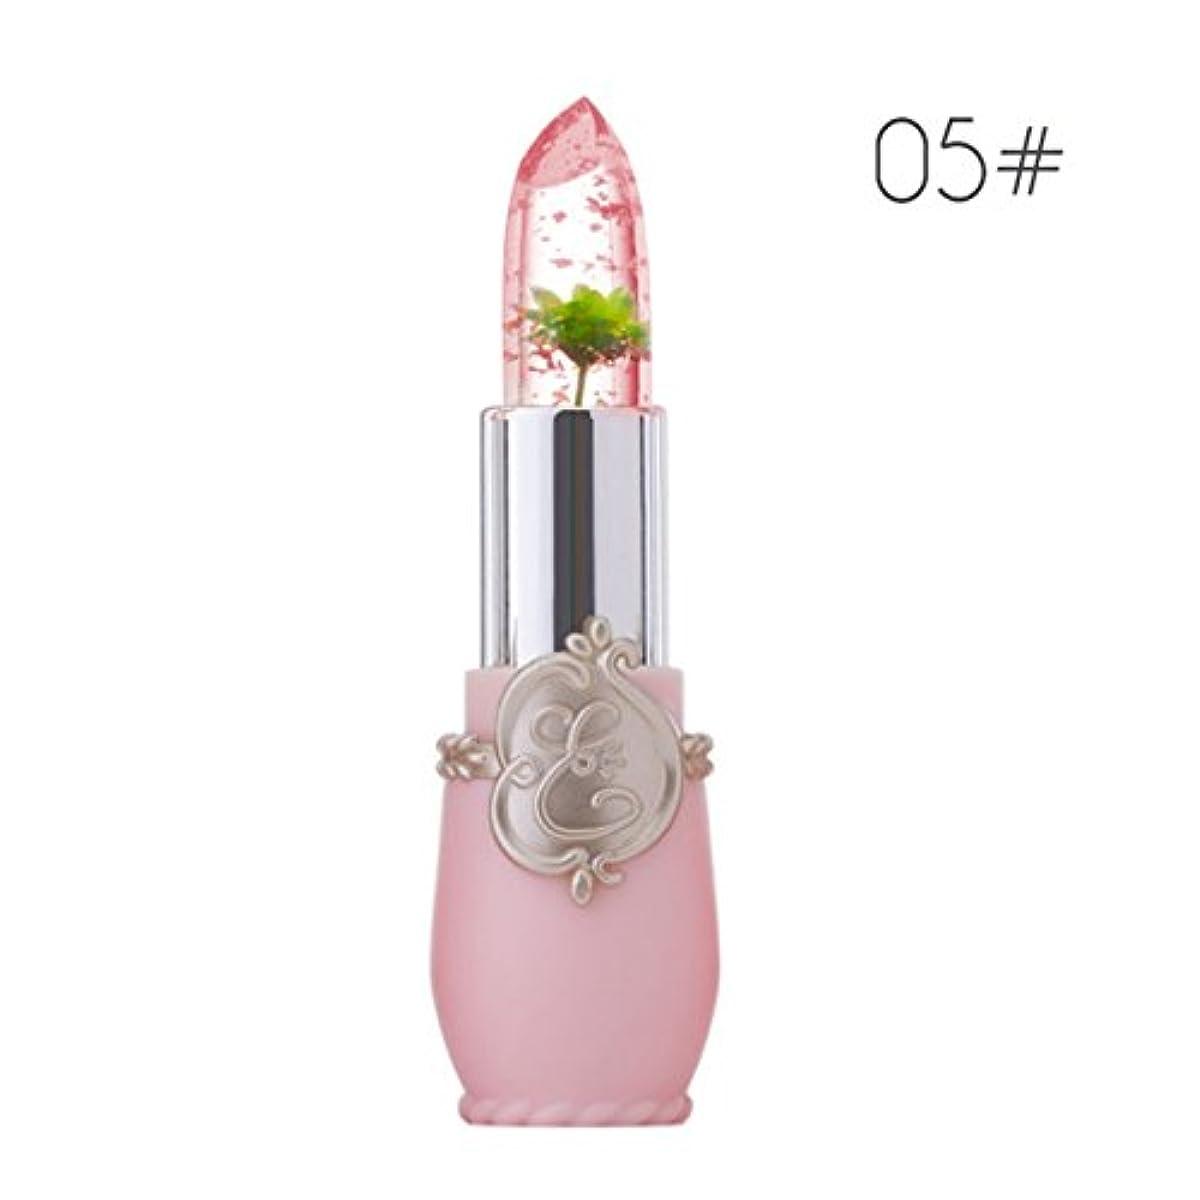 シンジケート膜部分的に口紅 BOBOGOJP お花 リップグロス かわいい オシャレ 唇の温度で色が変化するリップ 金箔付け 天然オイル入り 保湿 長持ち リップスティック 透明 リップベース 子供 大人 プレゼント (E)